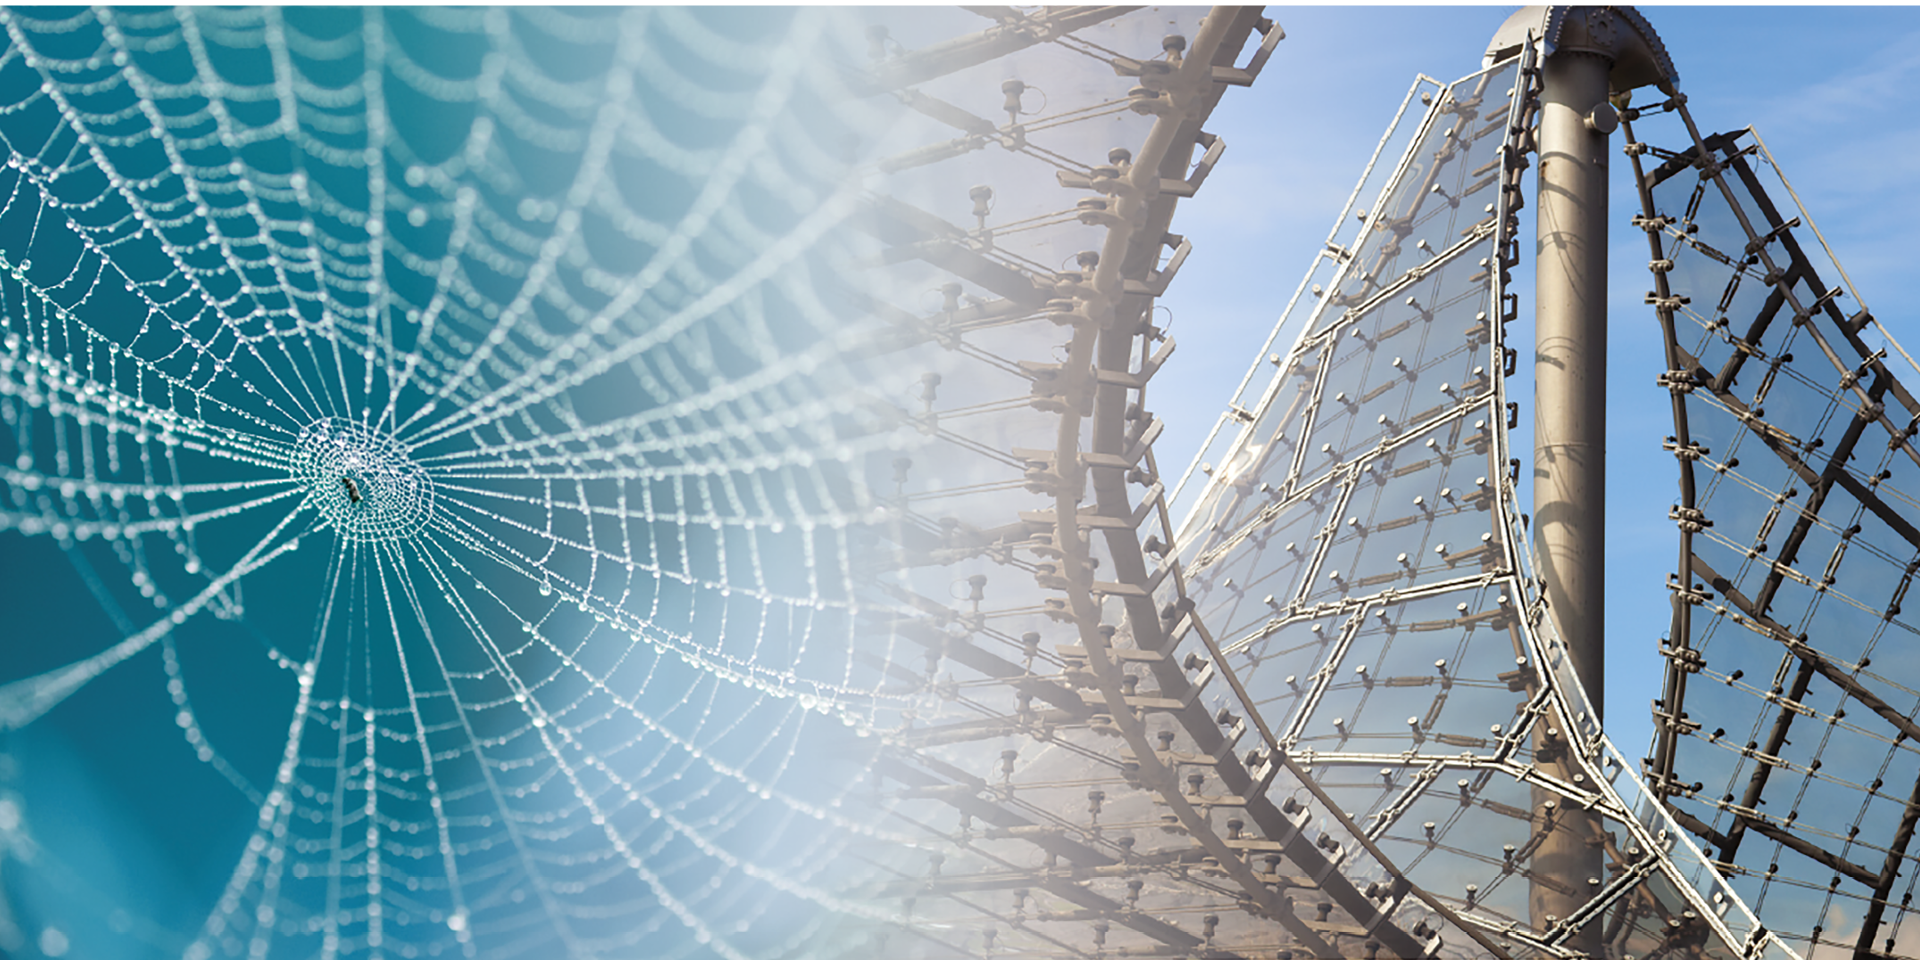 Olympiastadion und Spinnennetz werden gegenüber gestellt